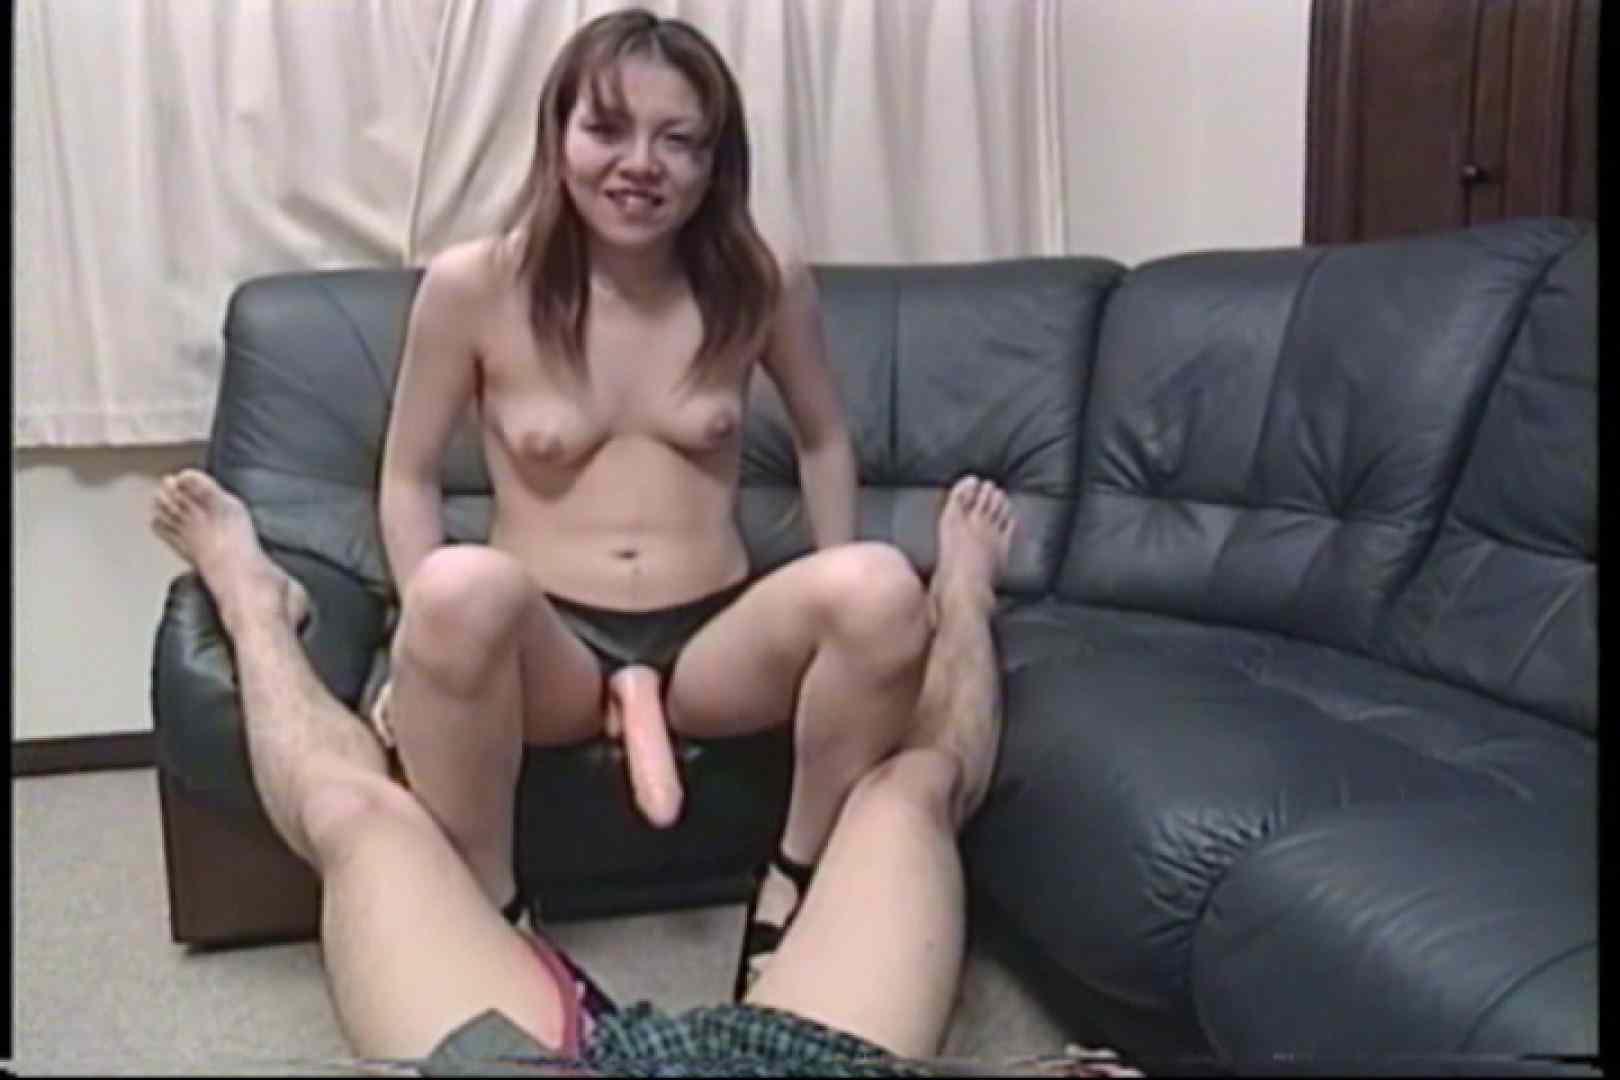 元気な女王様はお好きですか?~麻生紀香~ クンニ映像 AV動画キャプチャ 113pic 63